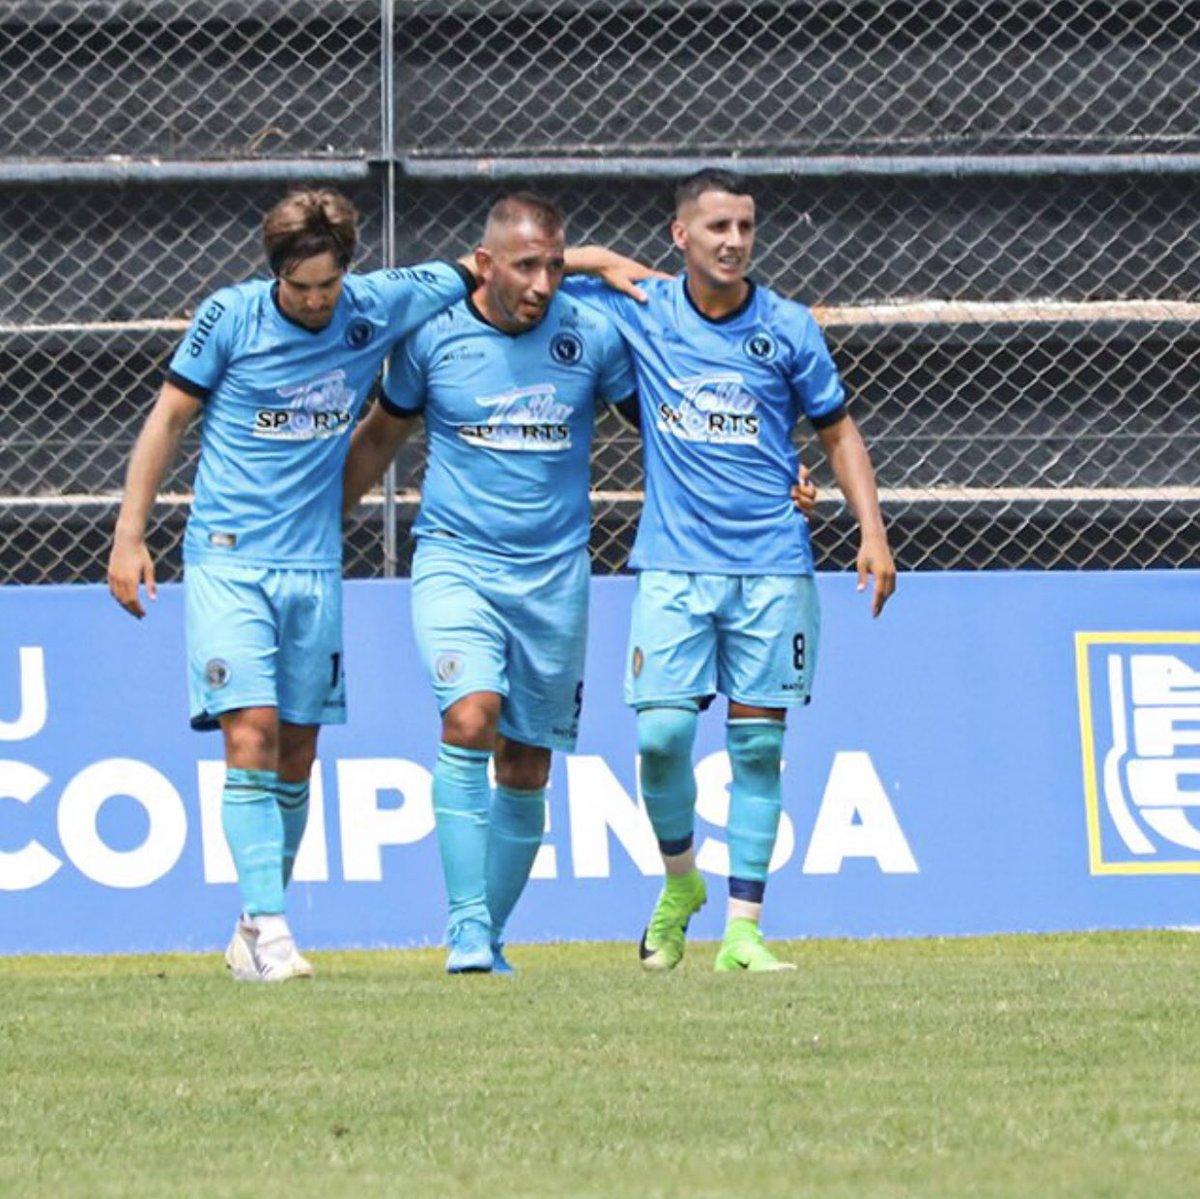 Cerro Largo Futbol Club (@CerroLargoFc) | Twitter